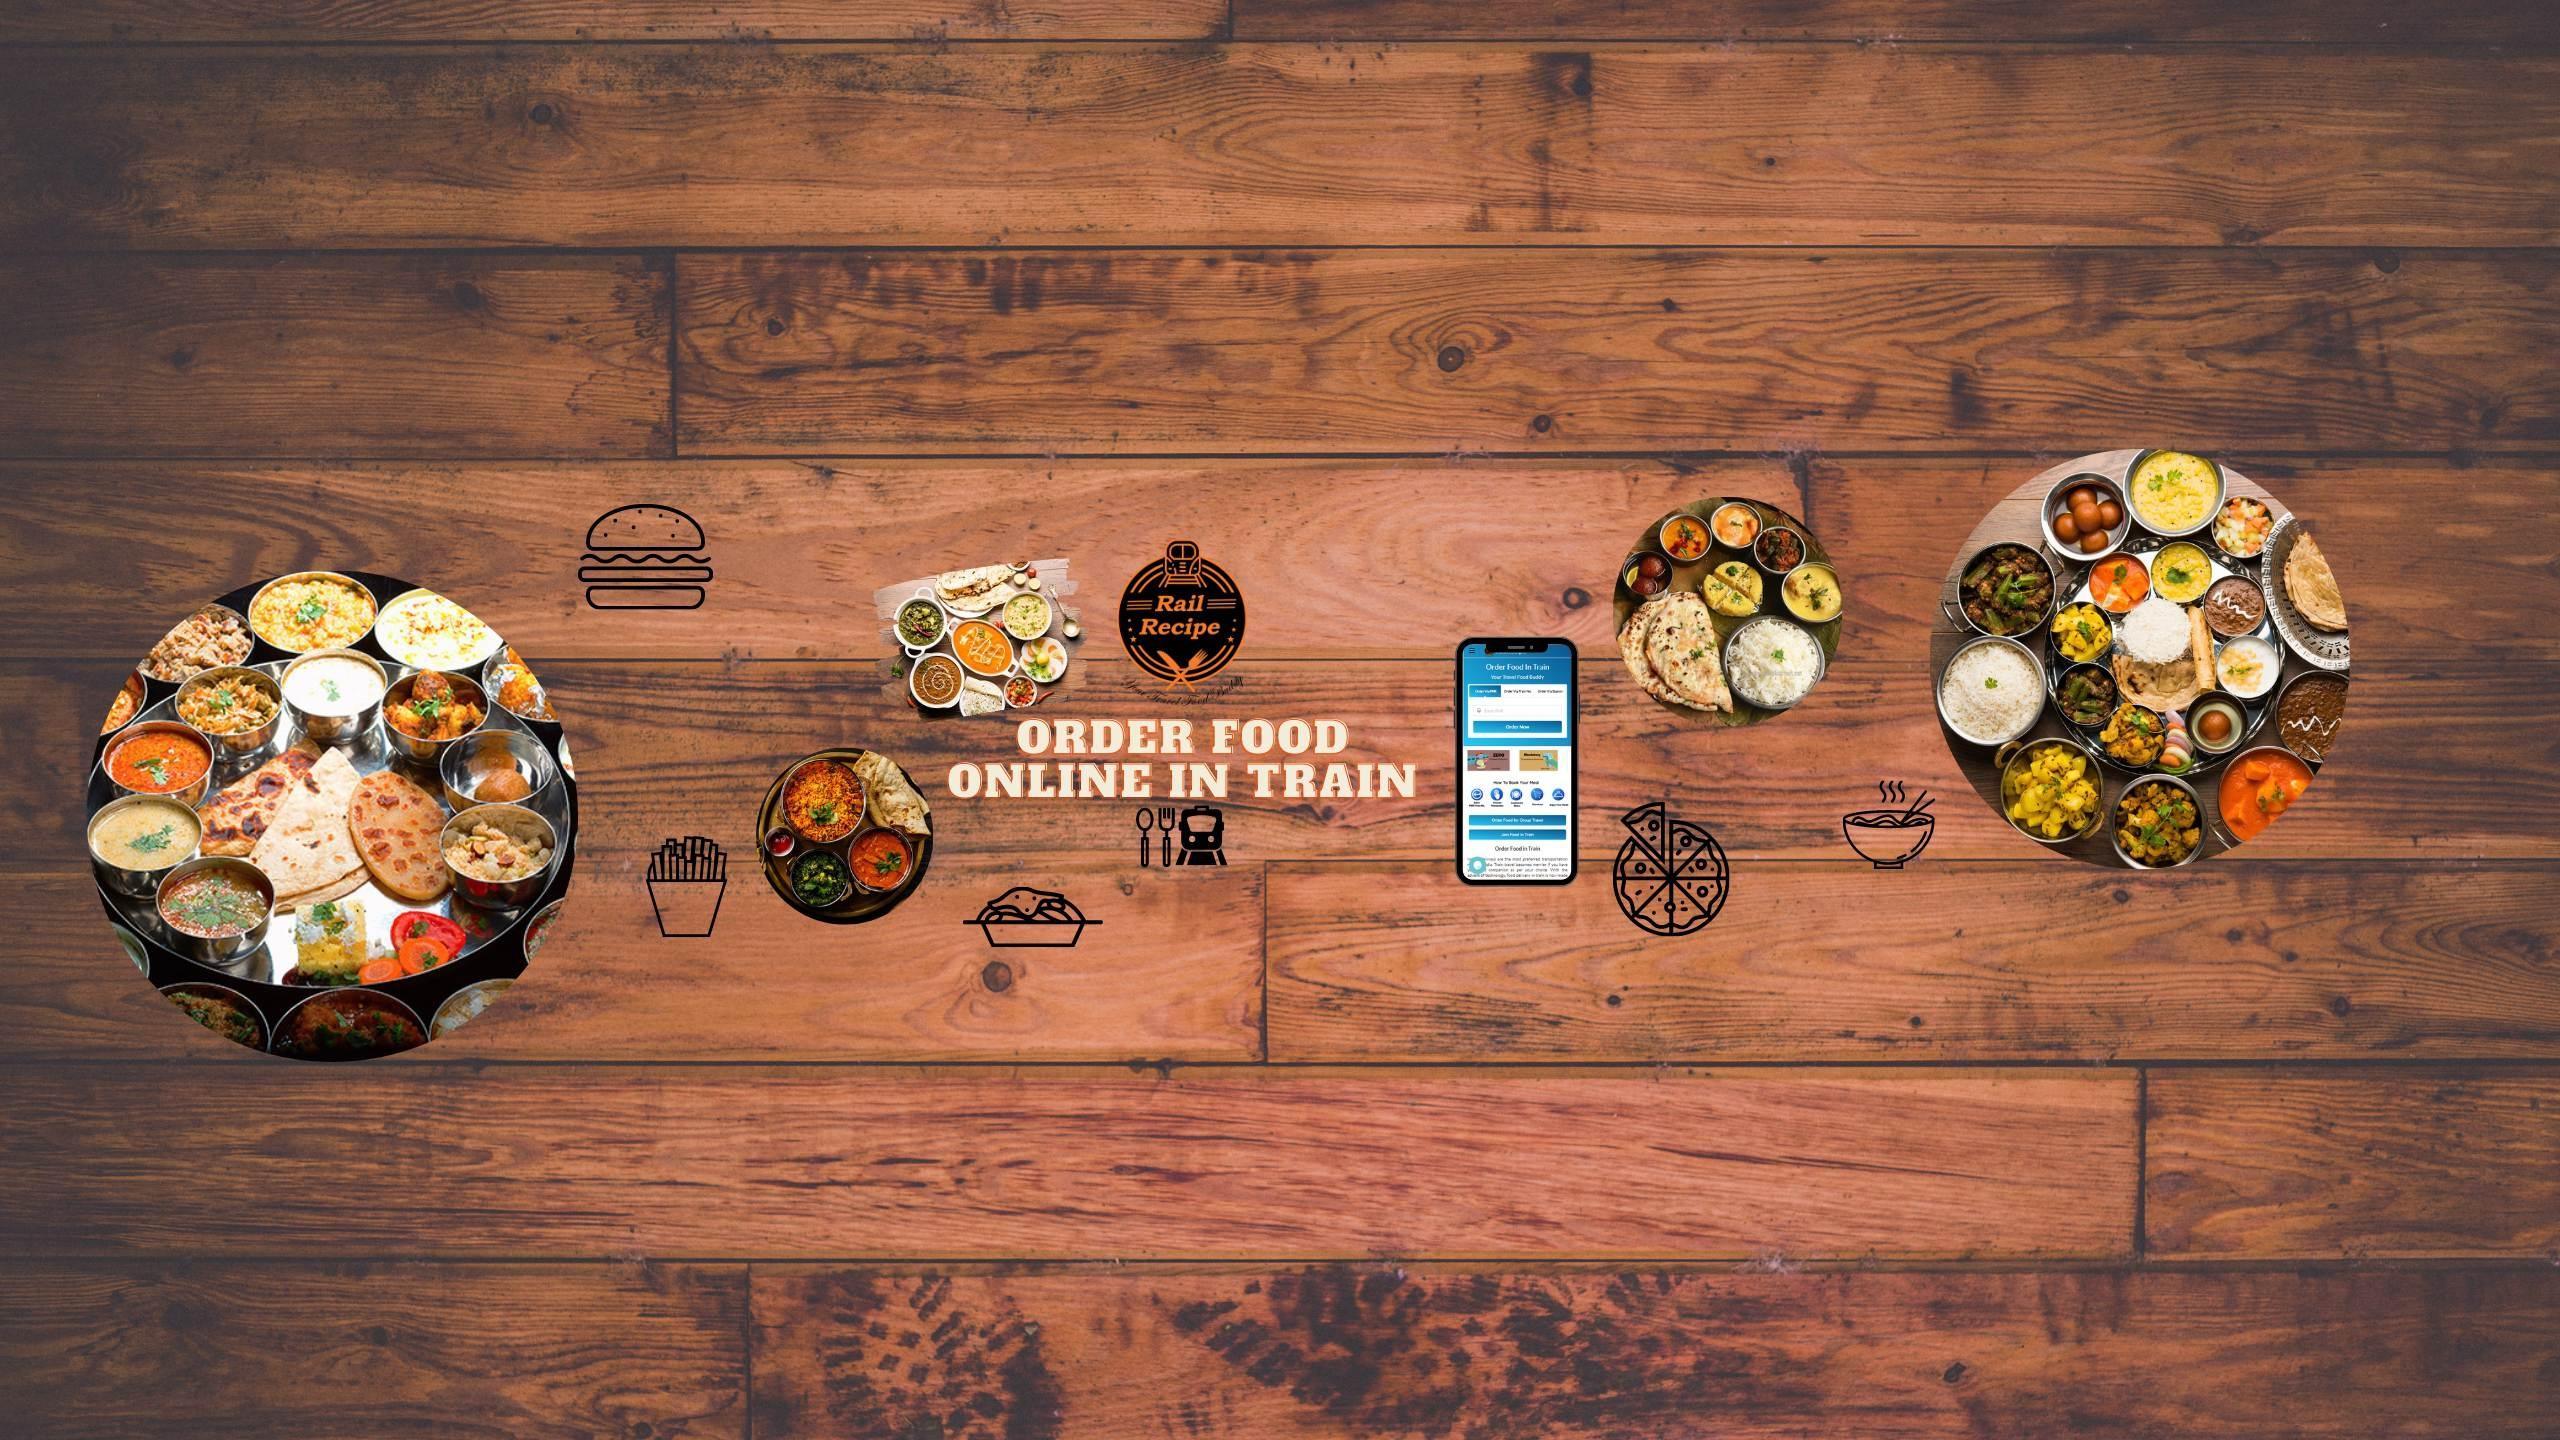 RailRecipe: Order Food in Train (@railrecipe) Cover Image